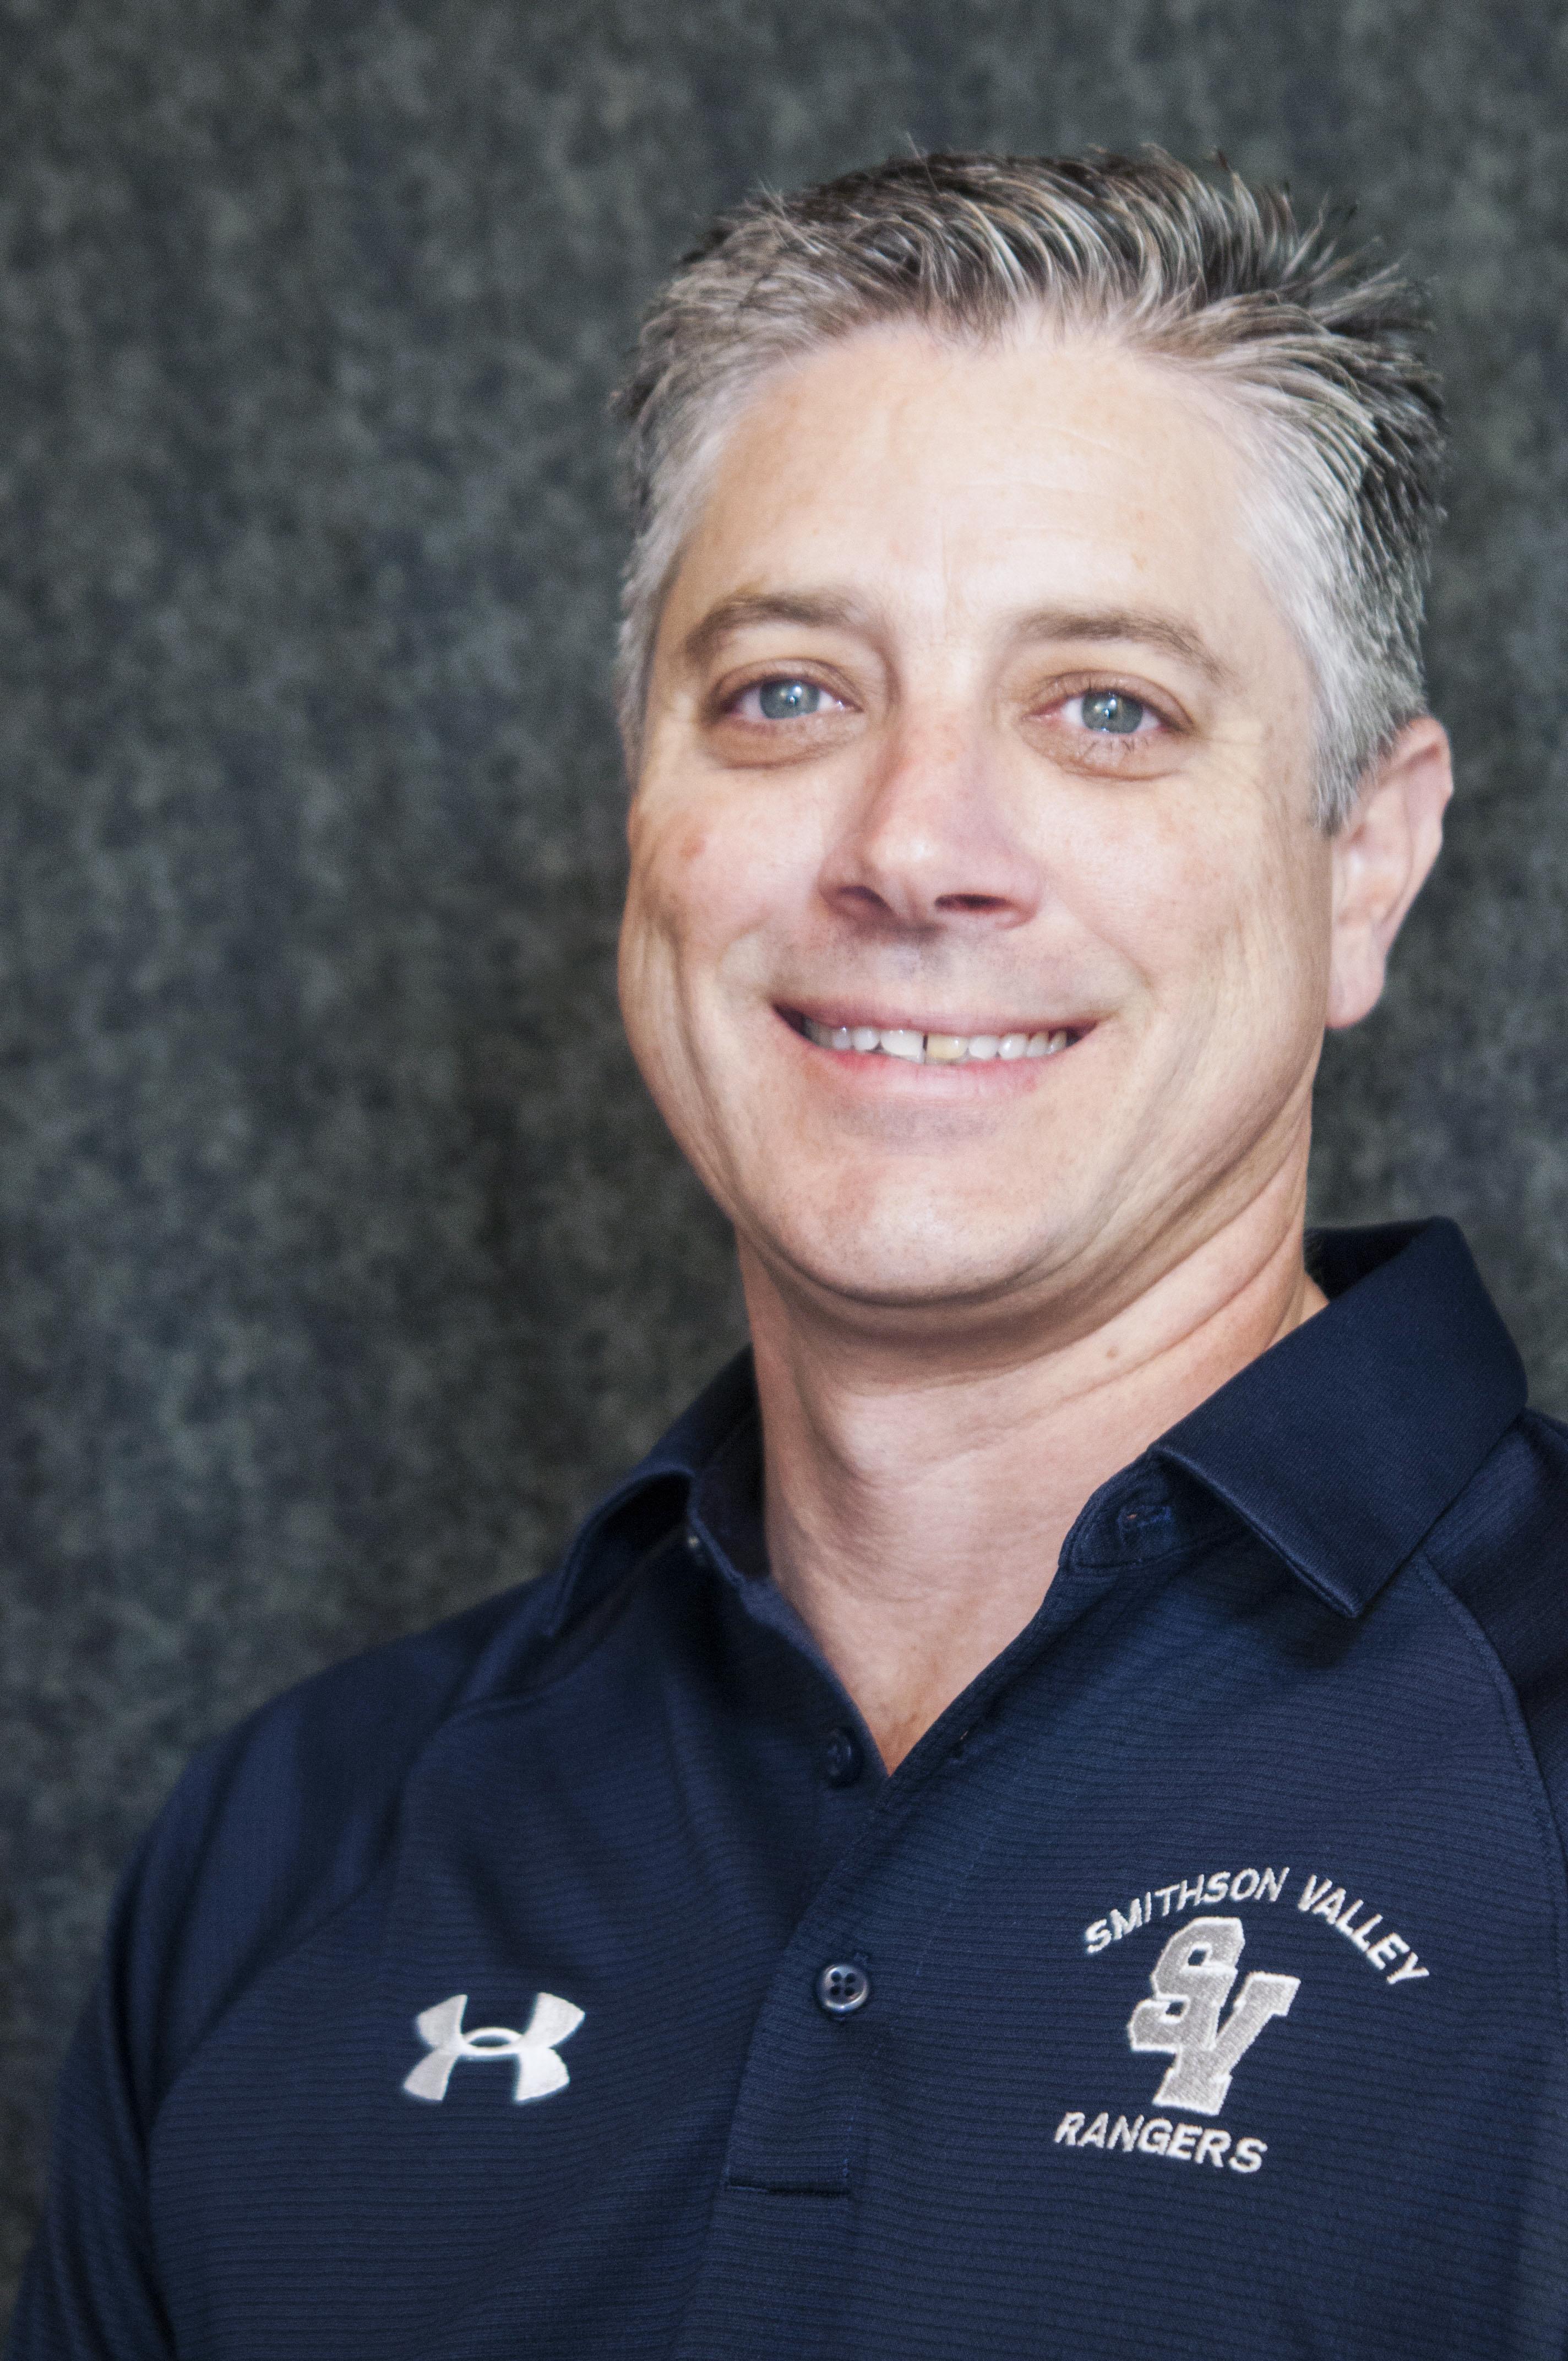 Principal Wahl